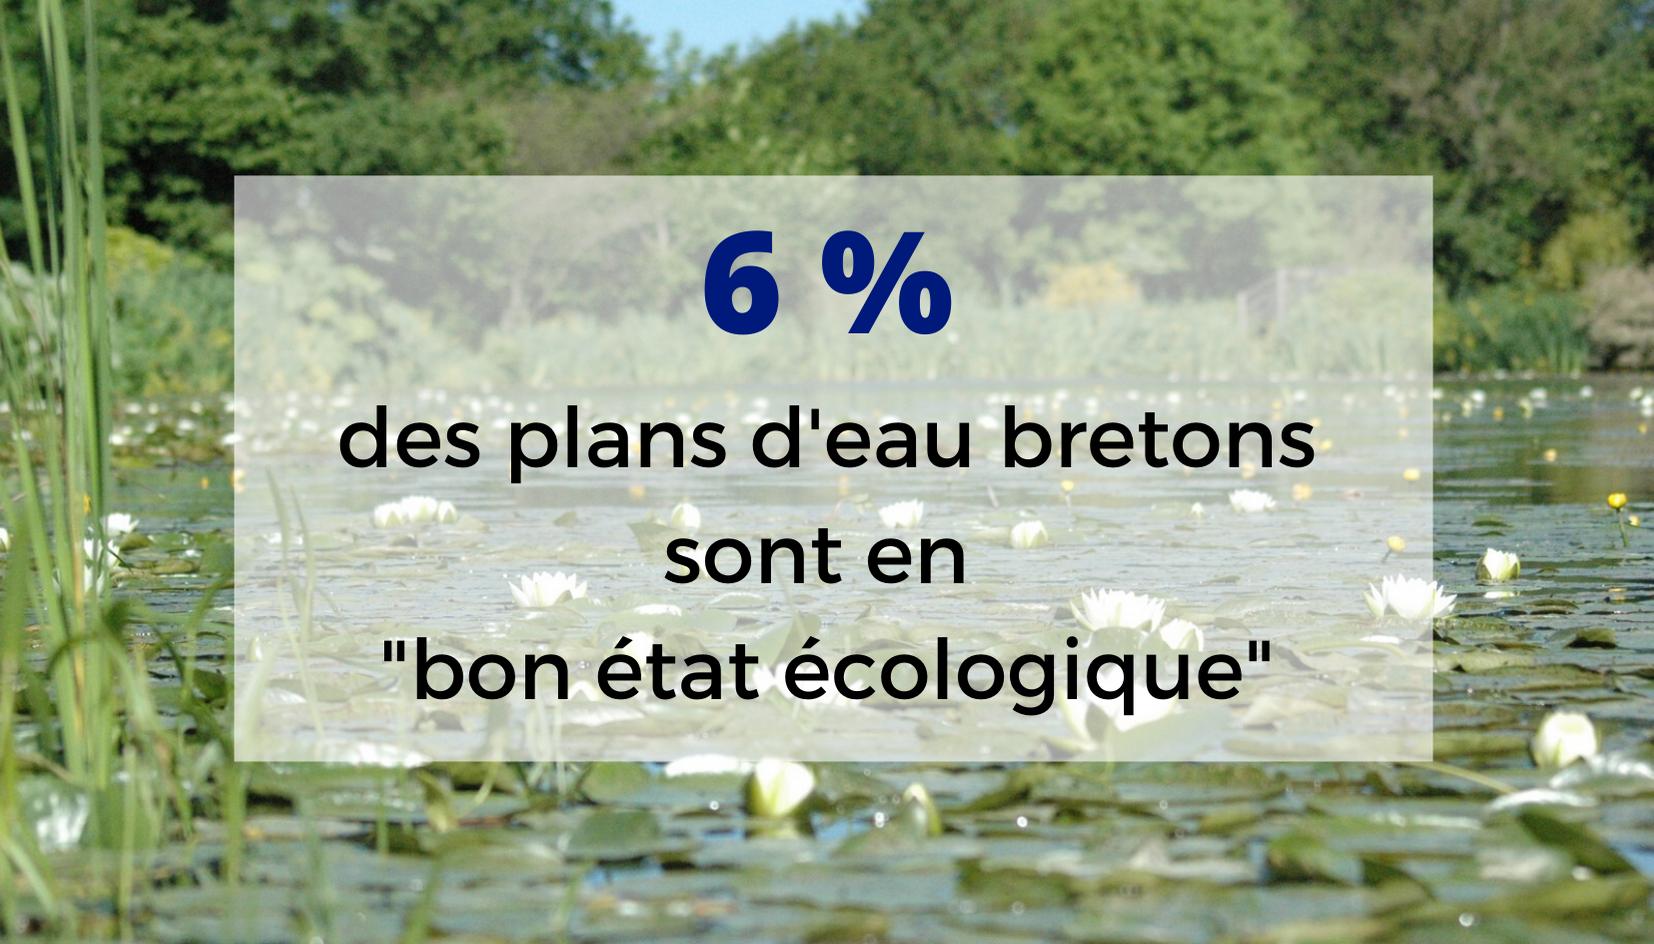 L'état des rivières bretonnes n'est pas satisfaisant